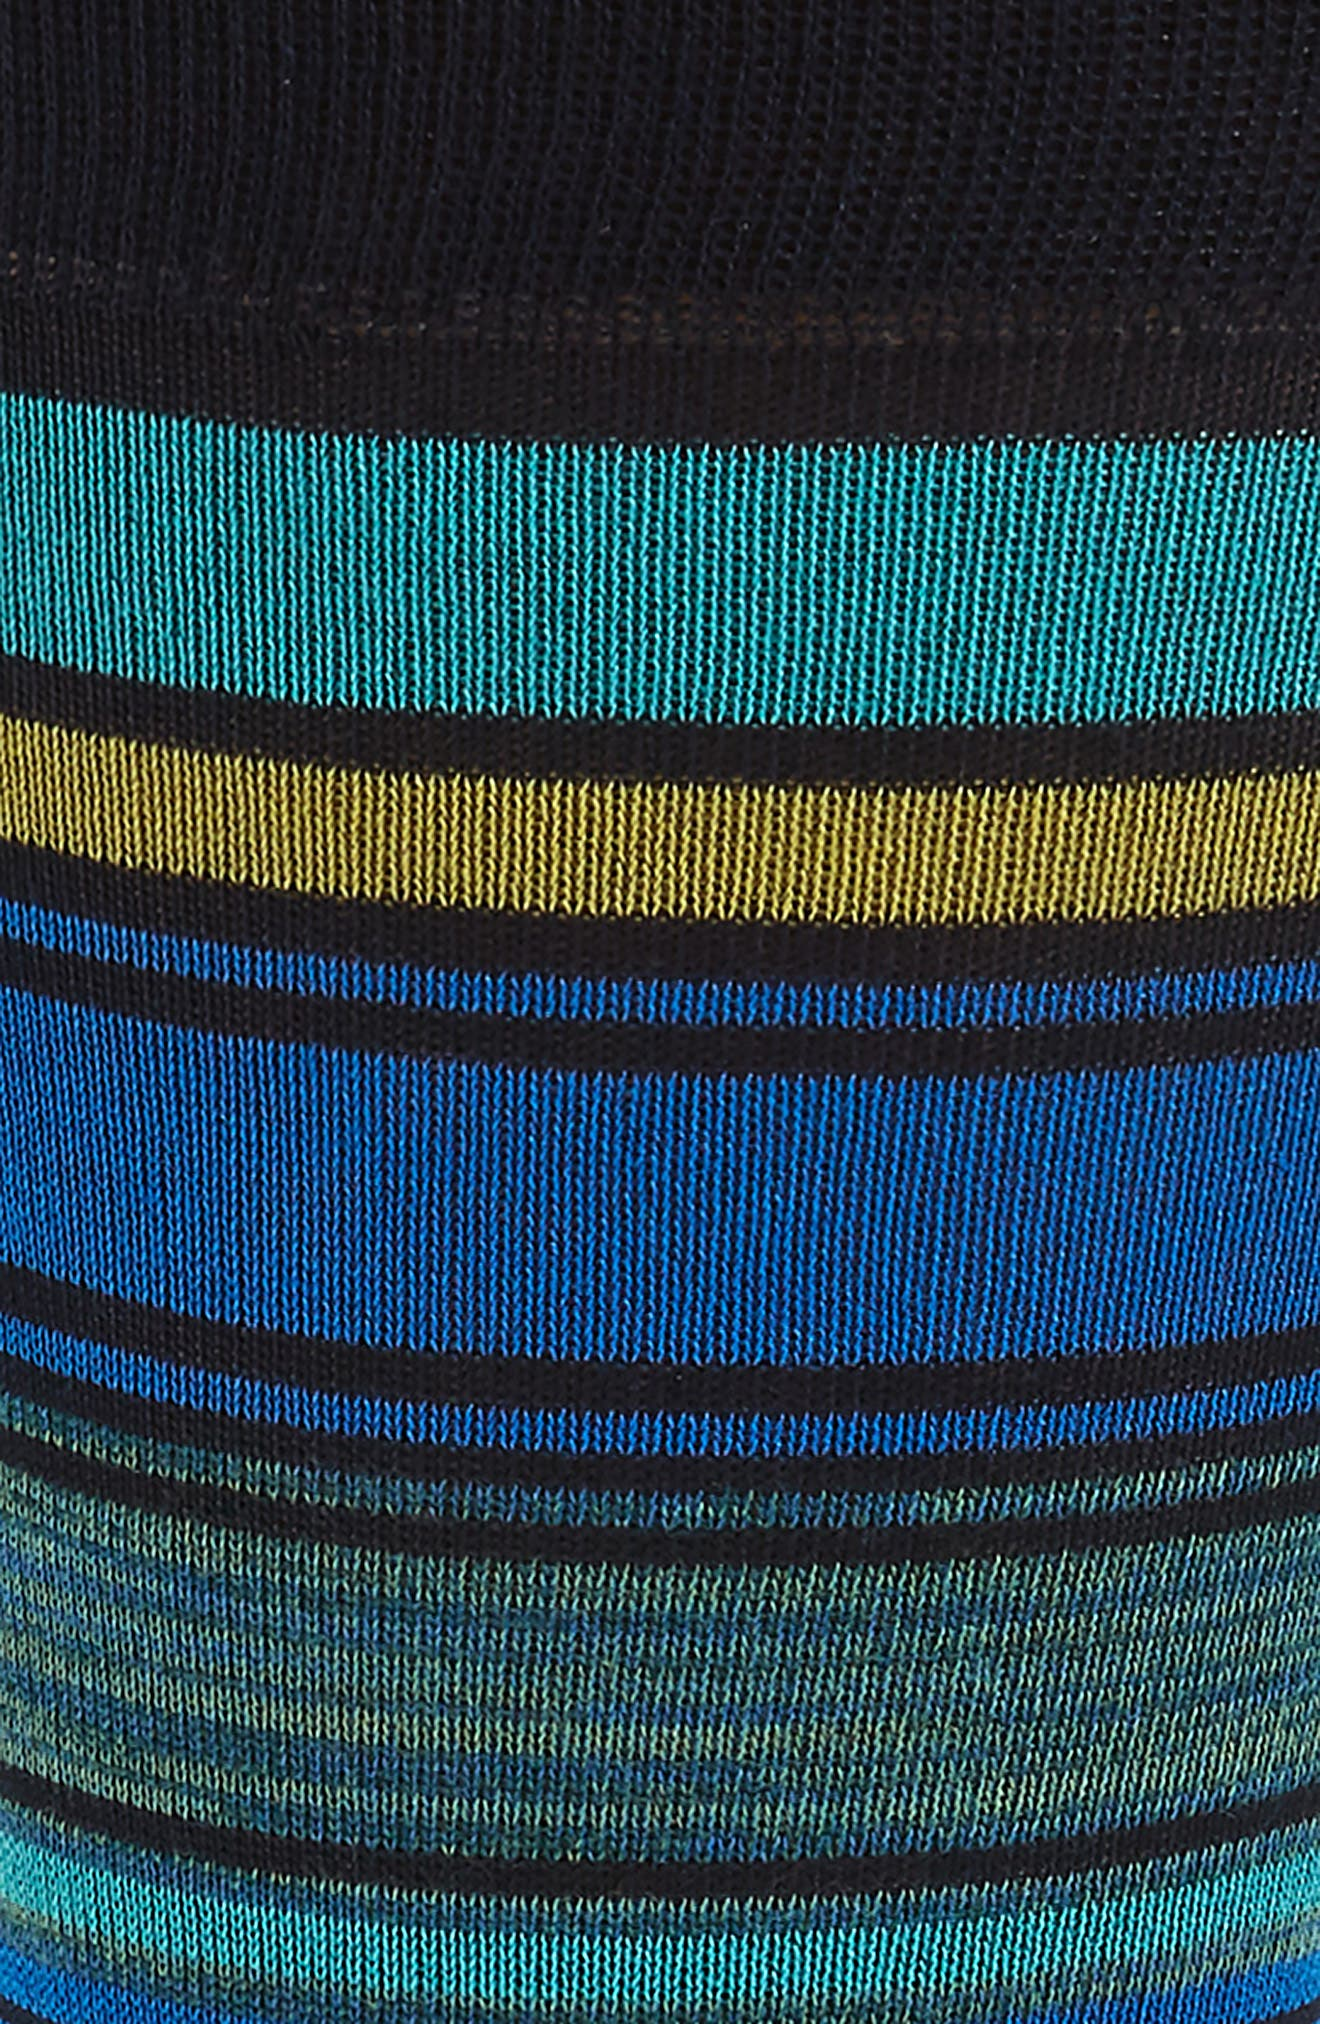 Stripe Socks,                             Alternate thumbnail 2, color,                             Navy